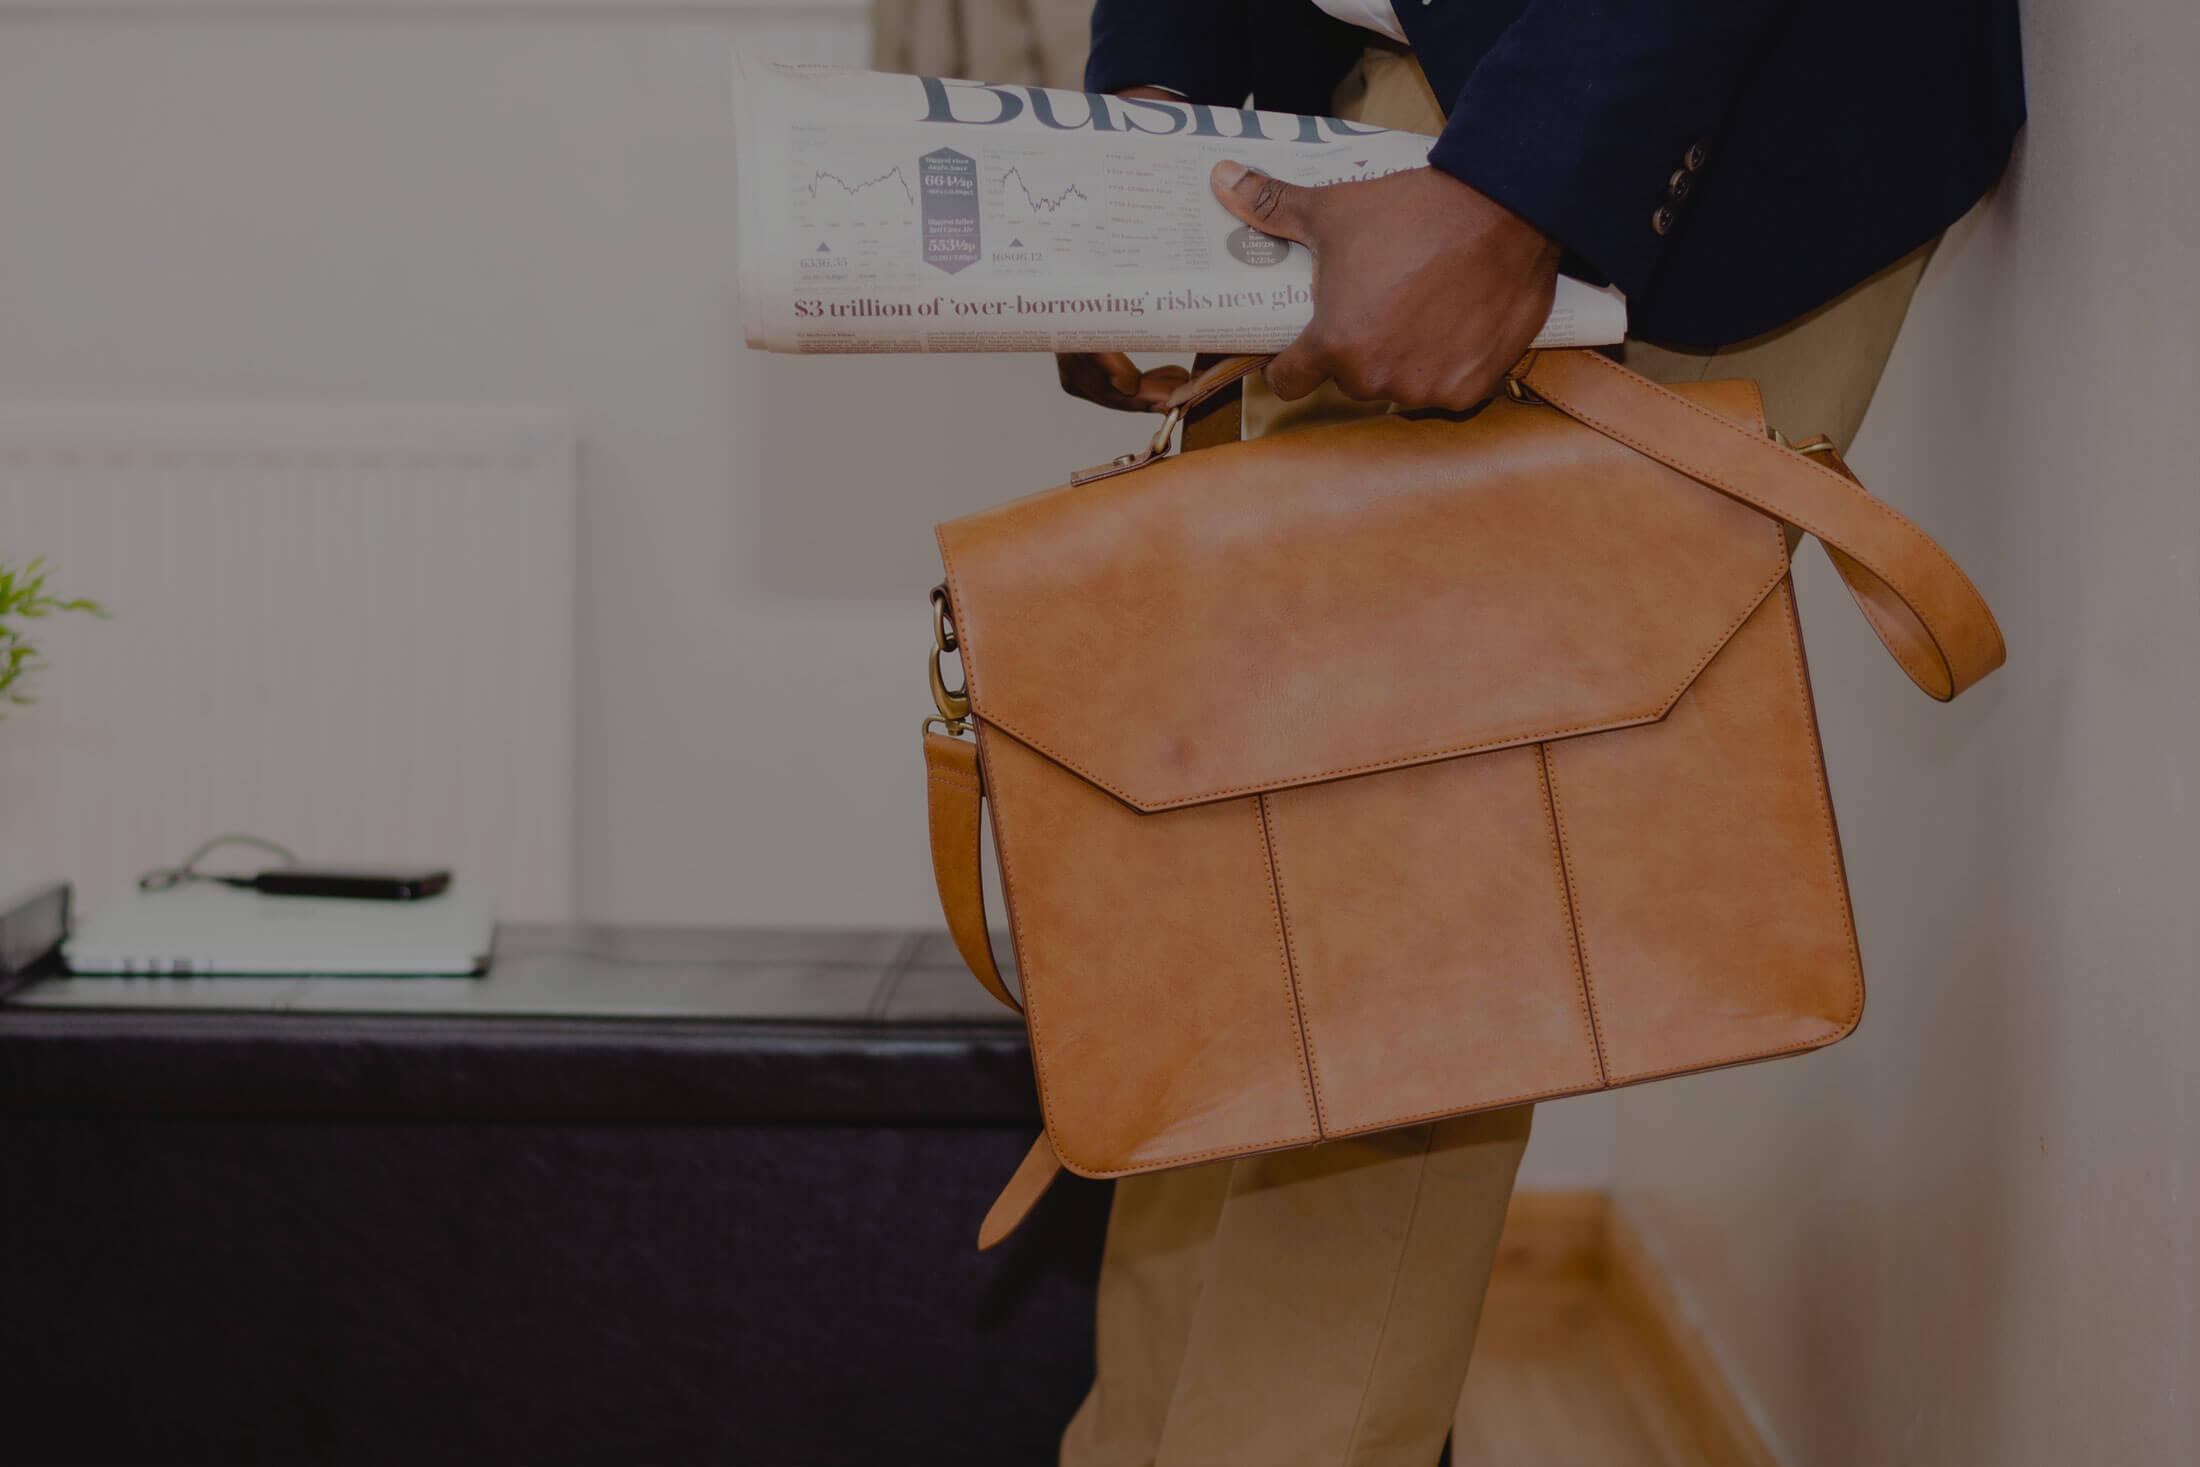 Pole emploi - offre emploi Femme de chambre/ valet de chambre (H/F) - Sainte Anne Guadeloupe